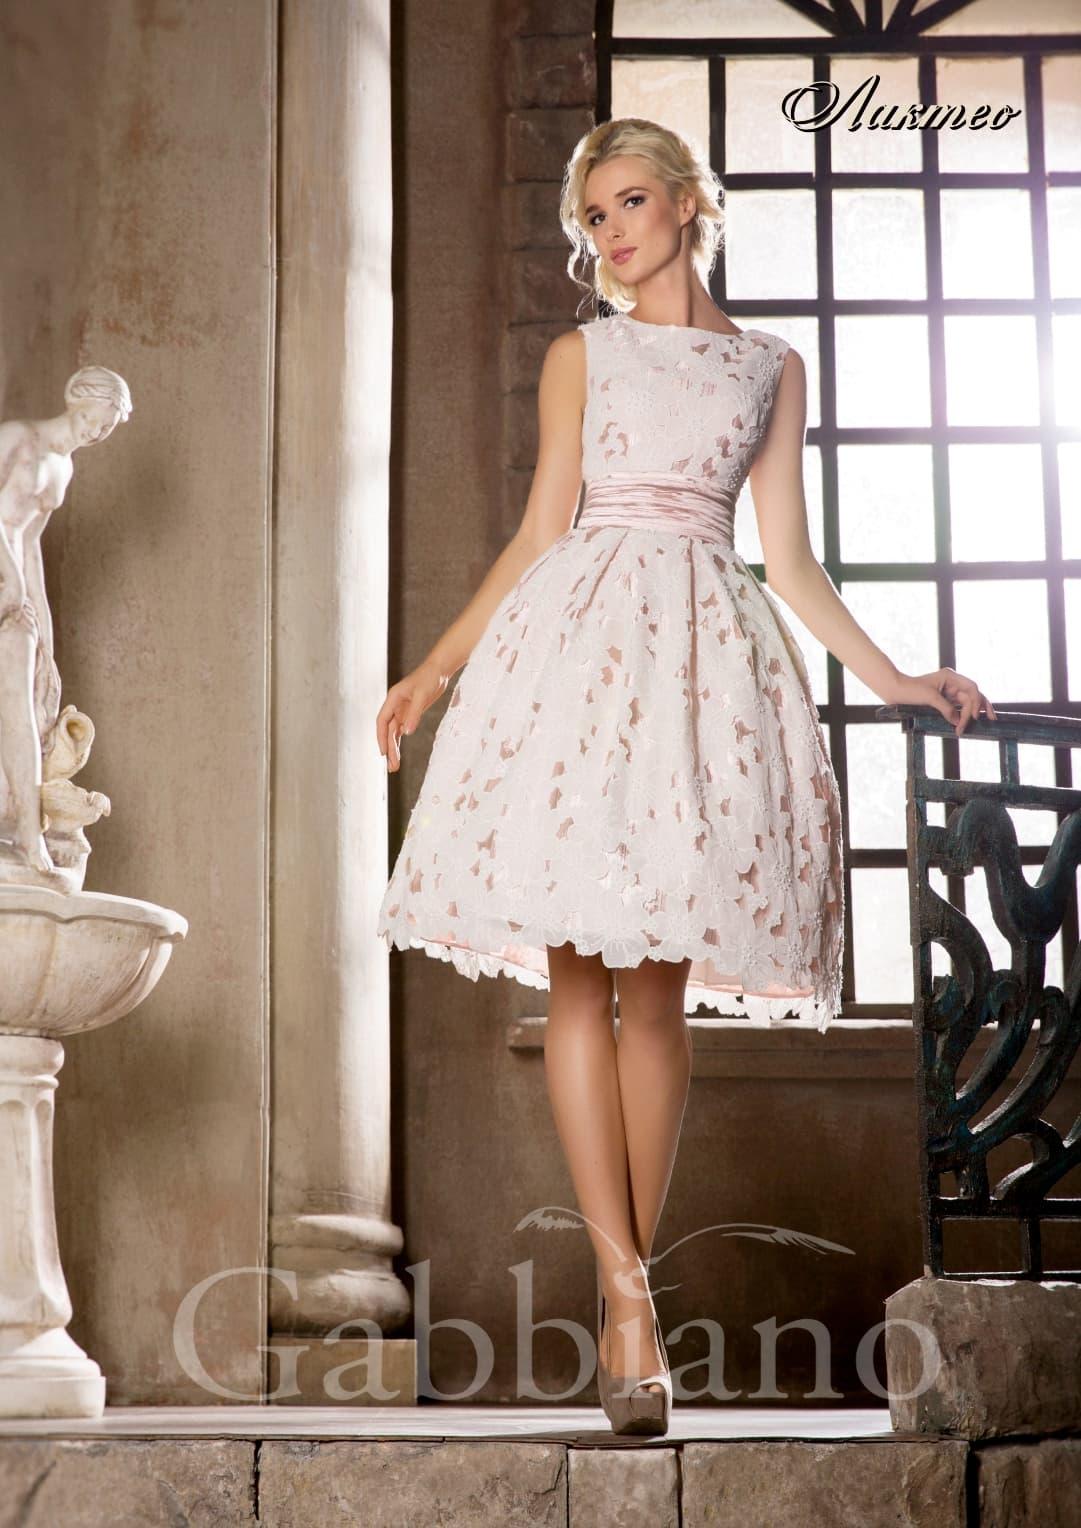 Короткое свадебное платье с розовой подкладкой под плотным белым кружевом.